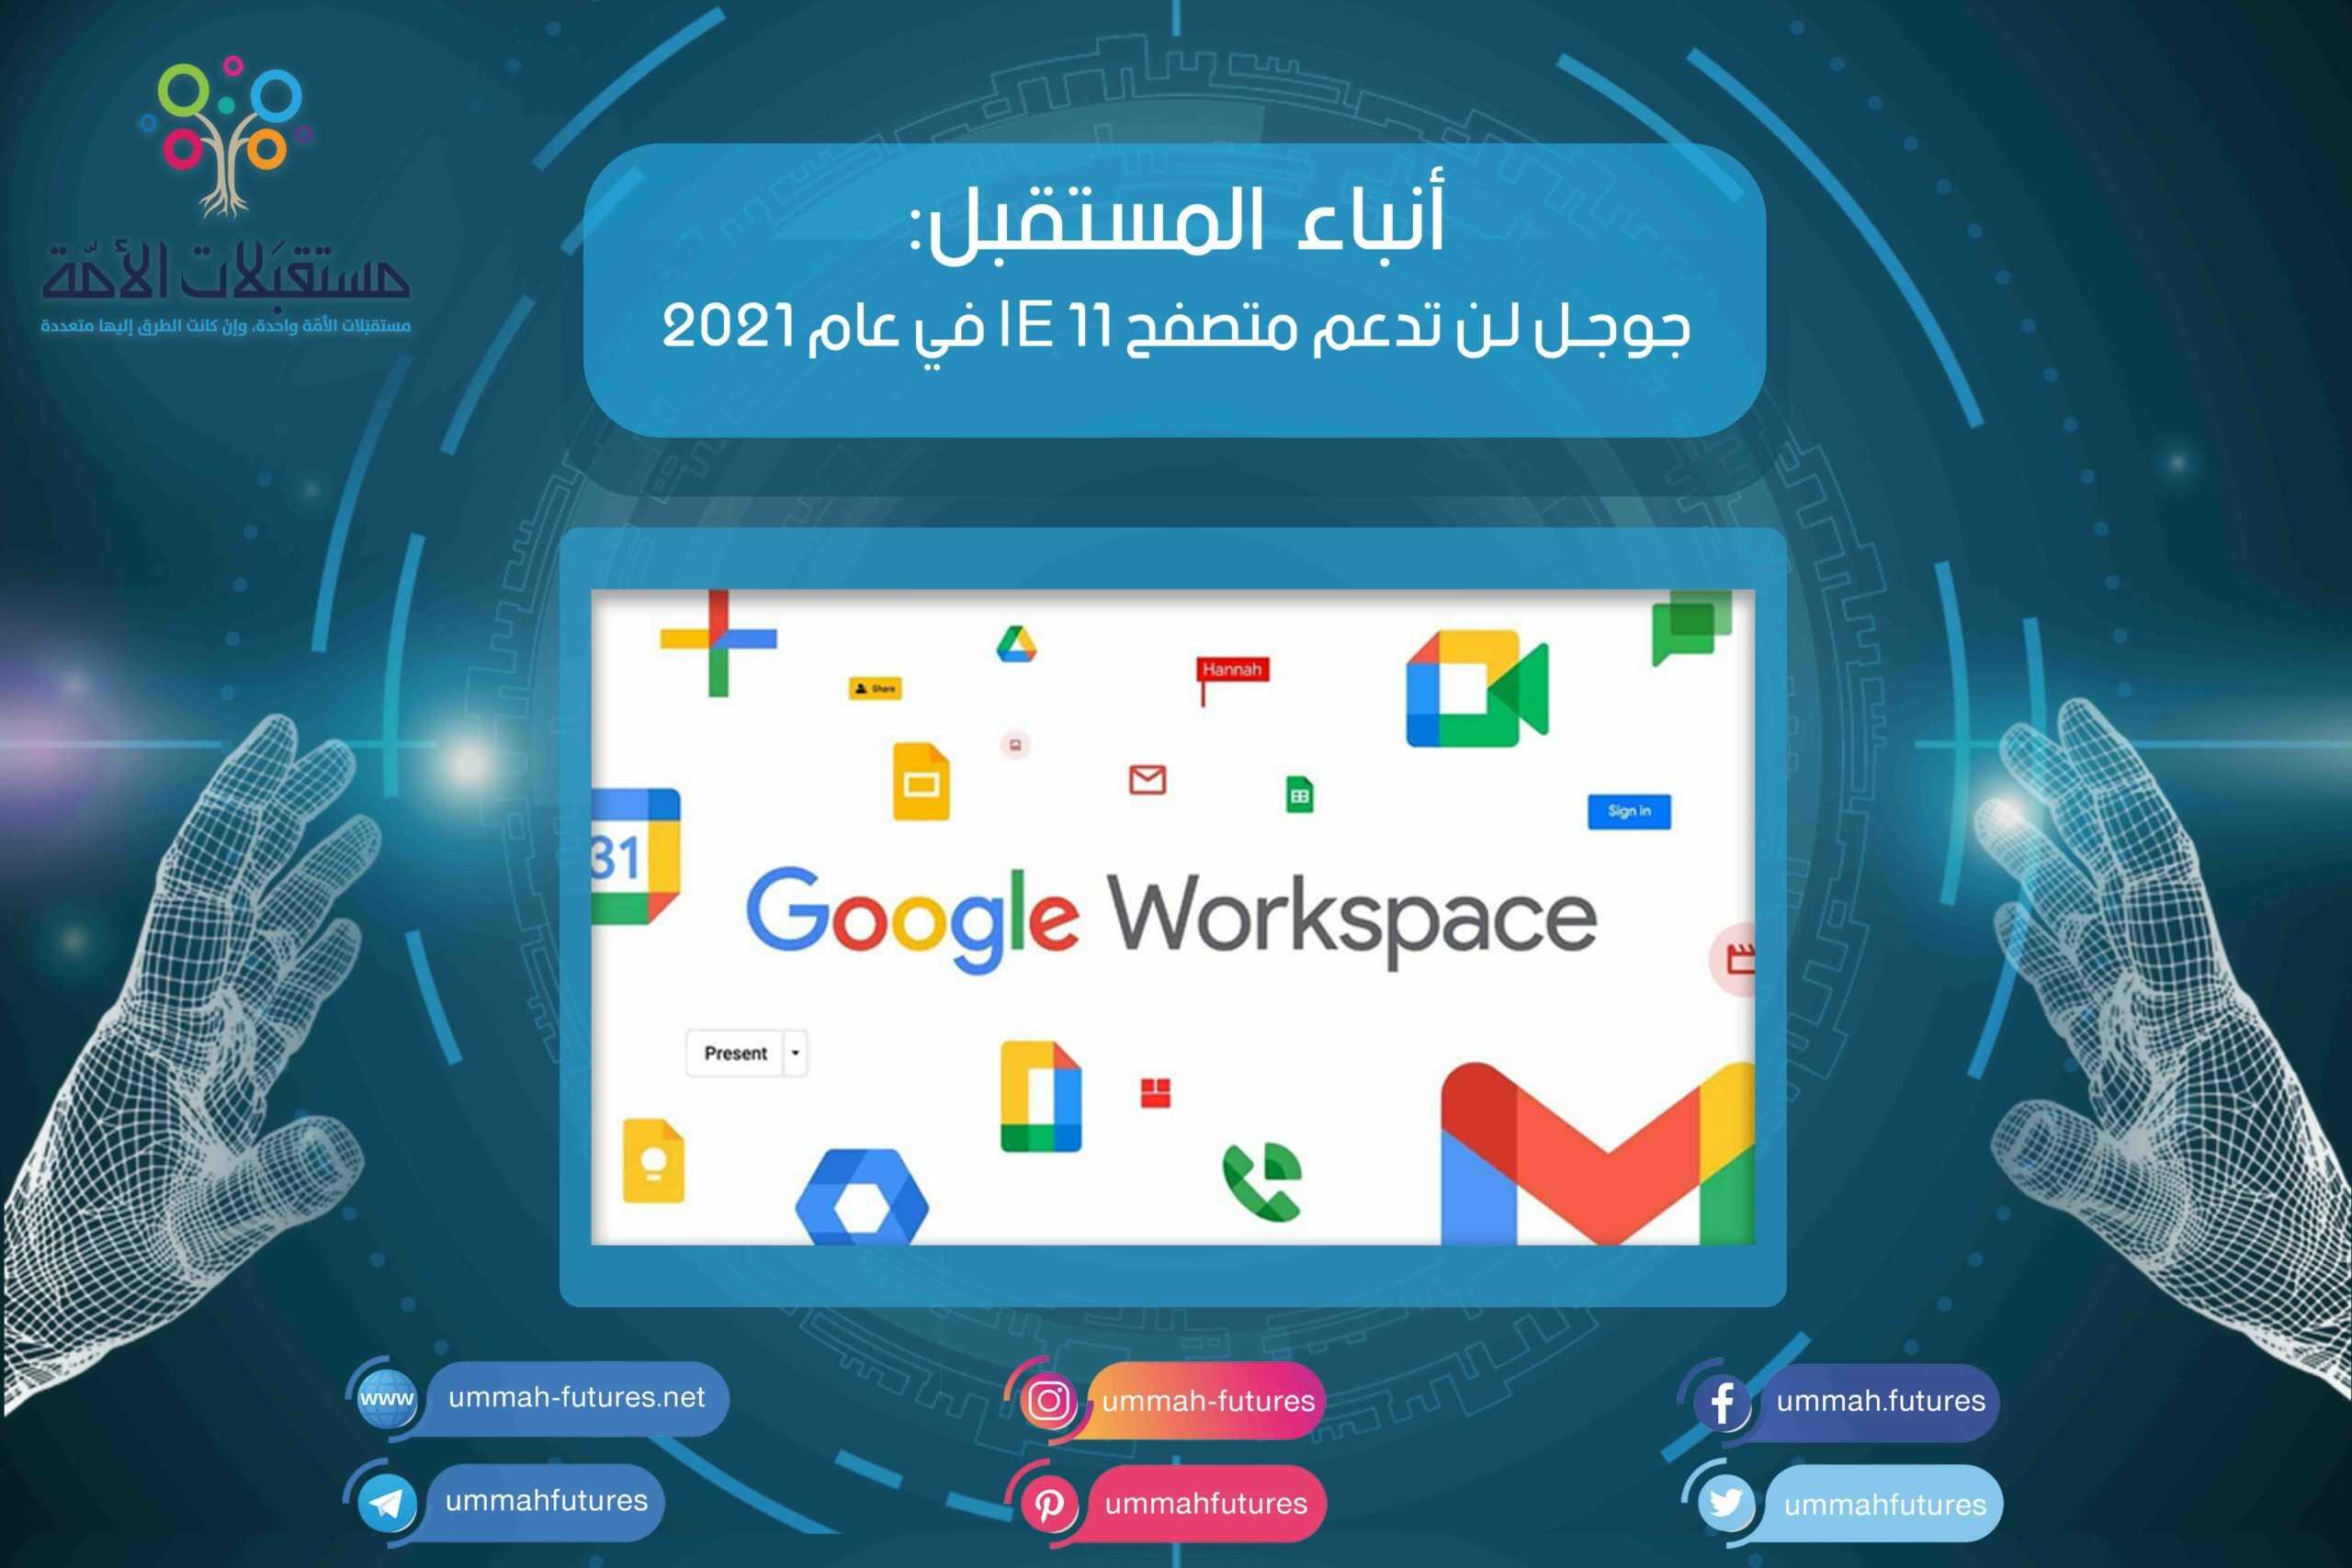 غوغل لن تدعم متصفح IE 11 في عام 2021